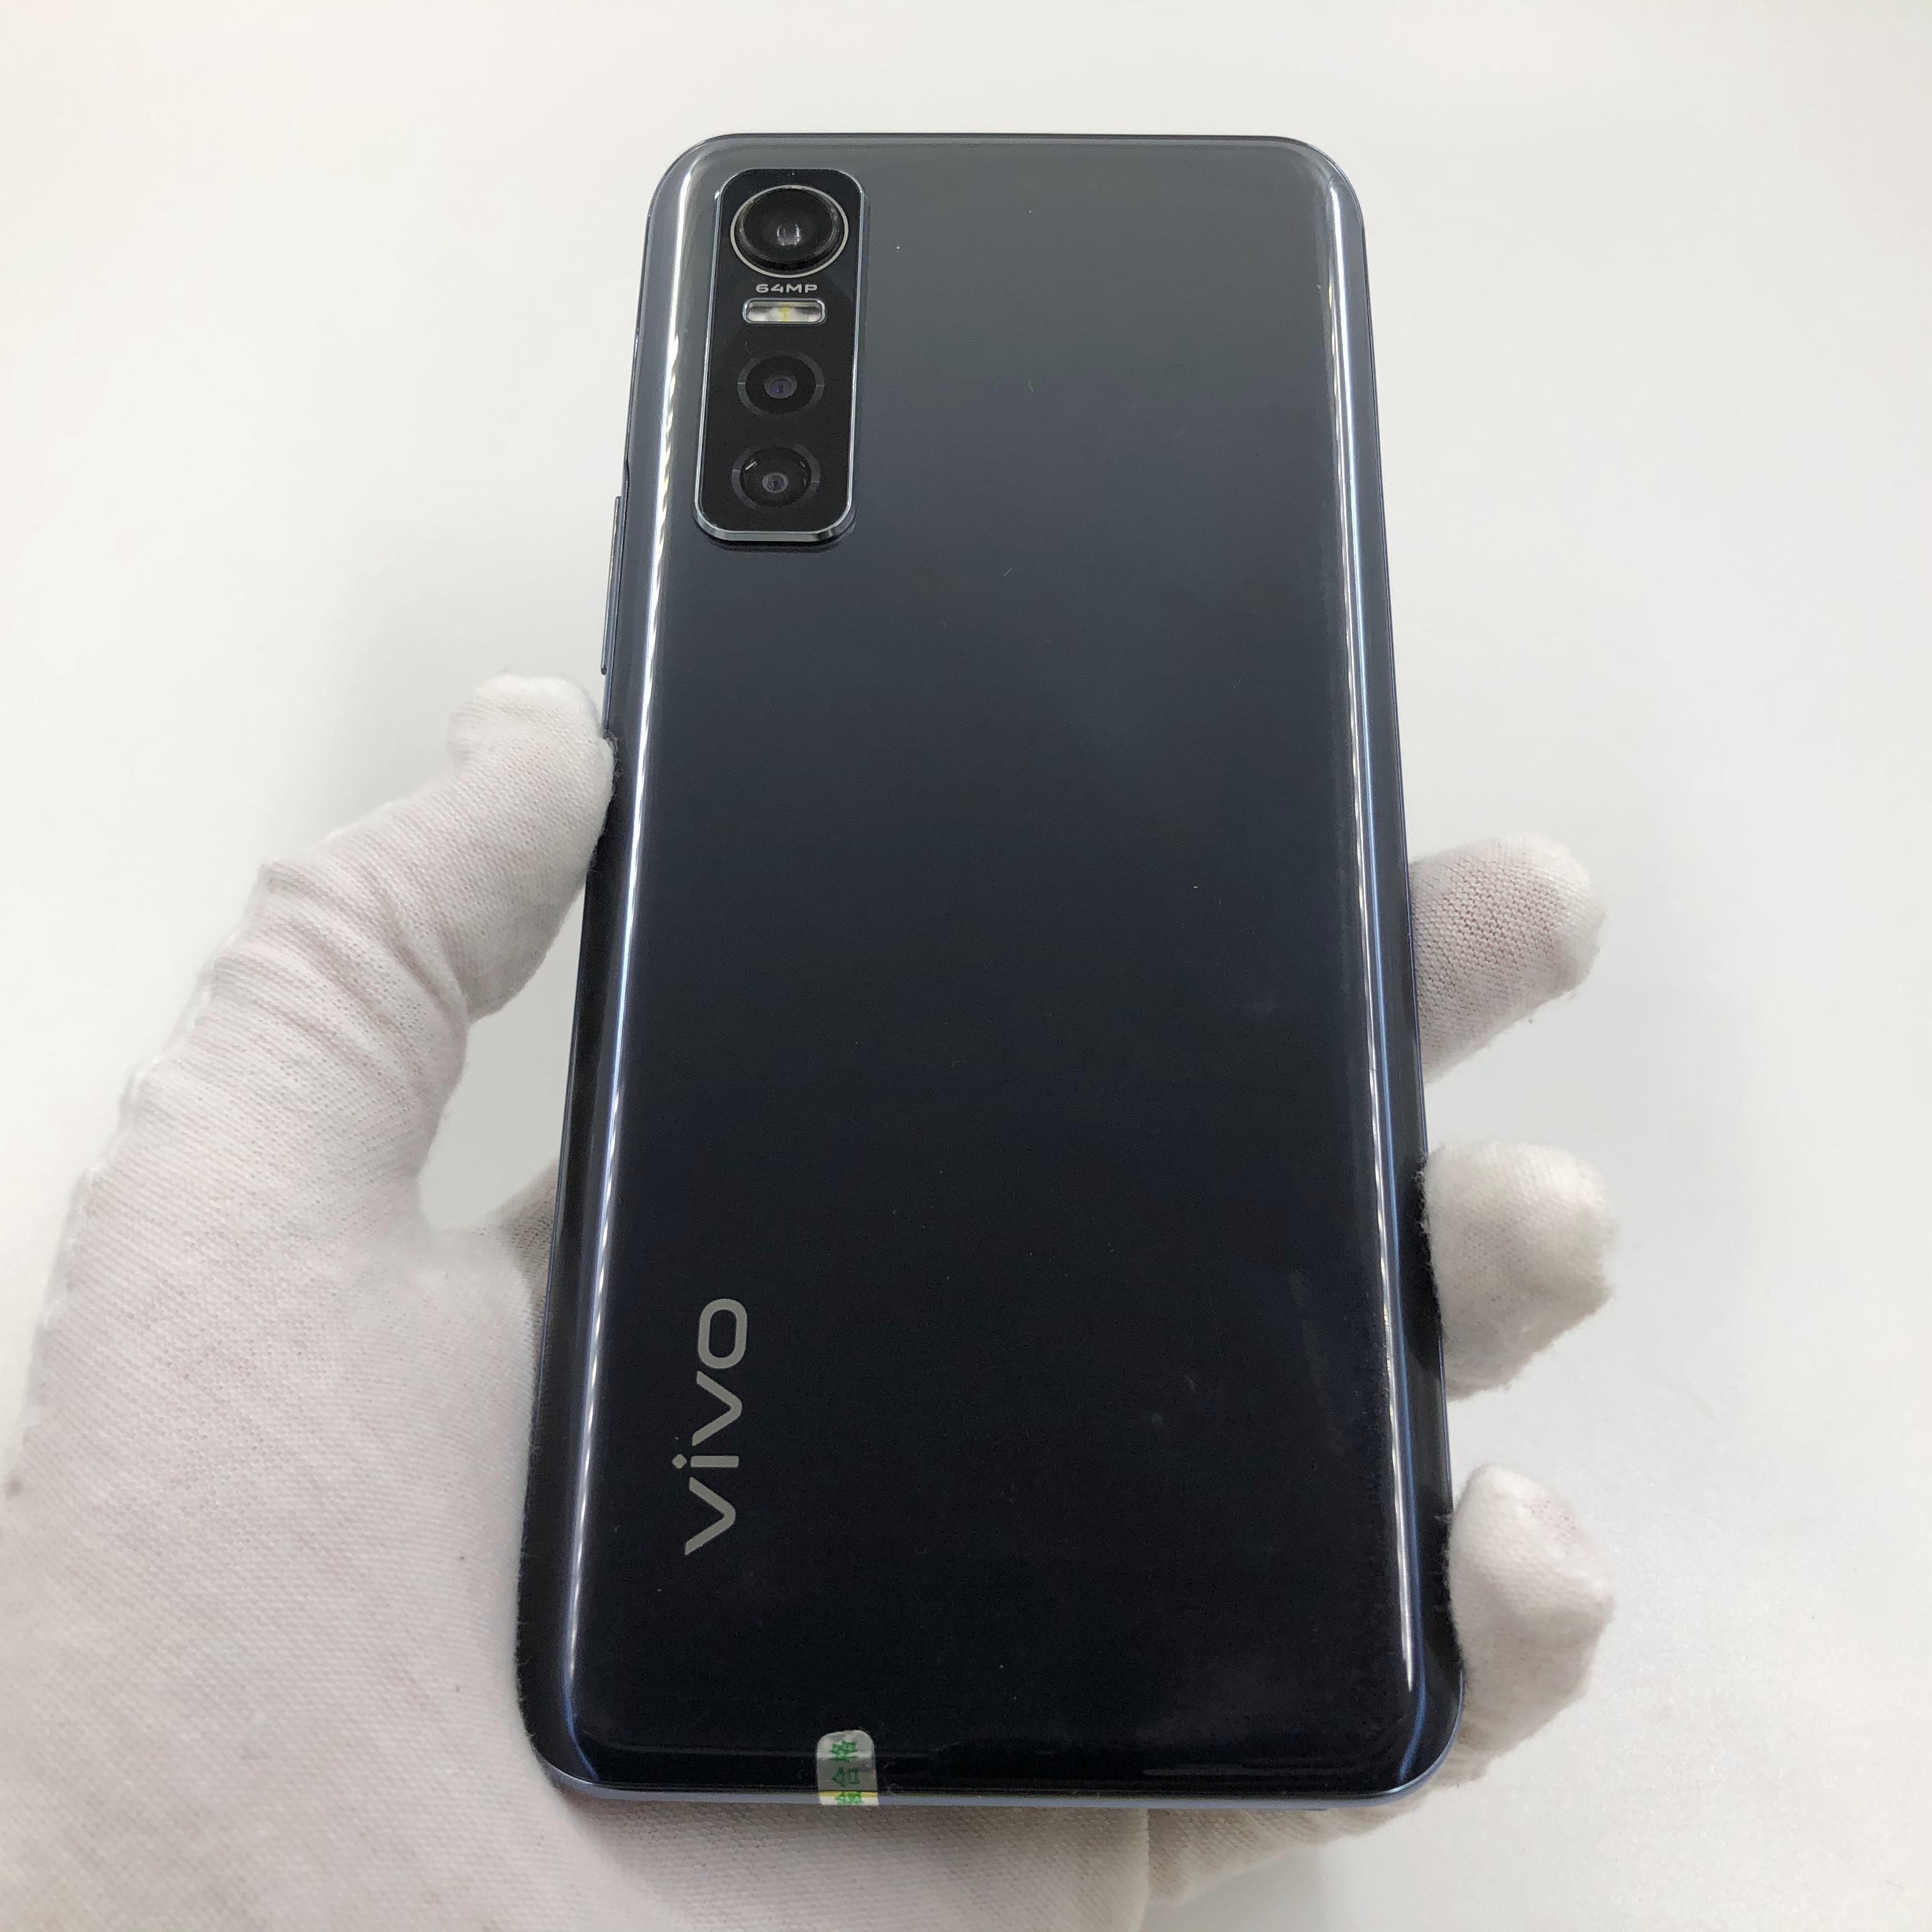 vivo【S7e 5G】5G全网通 黑镜 8G/128G 国行 9成新 真机实拍